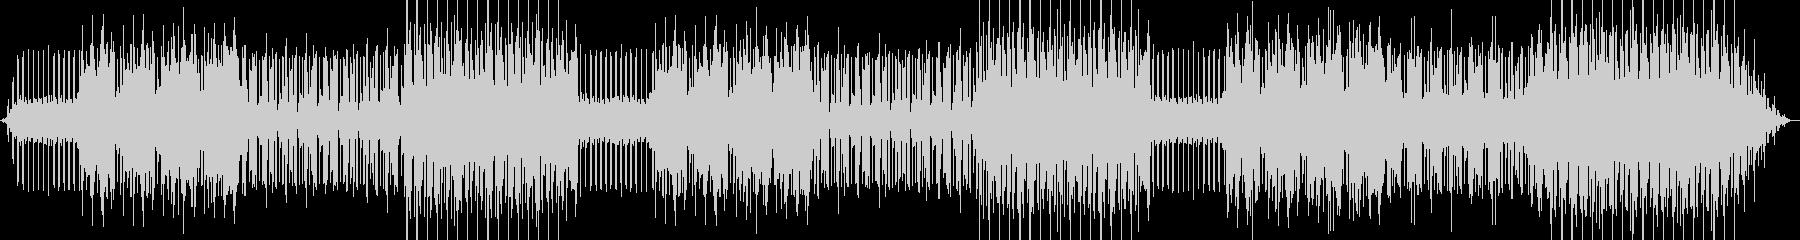 コンビニのサンドイッチを表した曲の未再生の波形